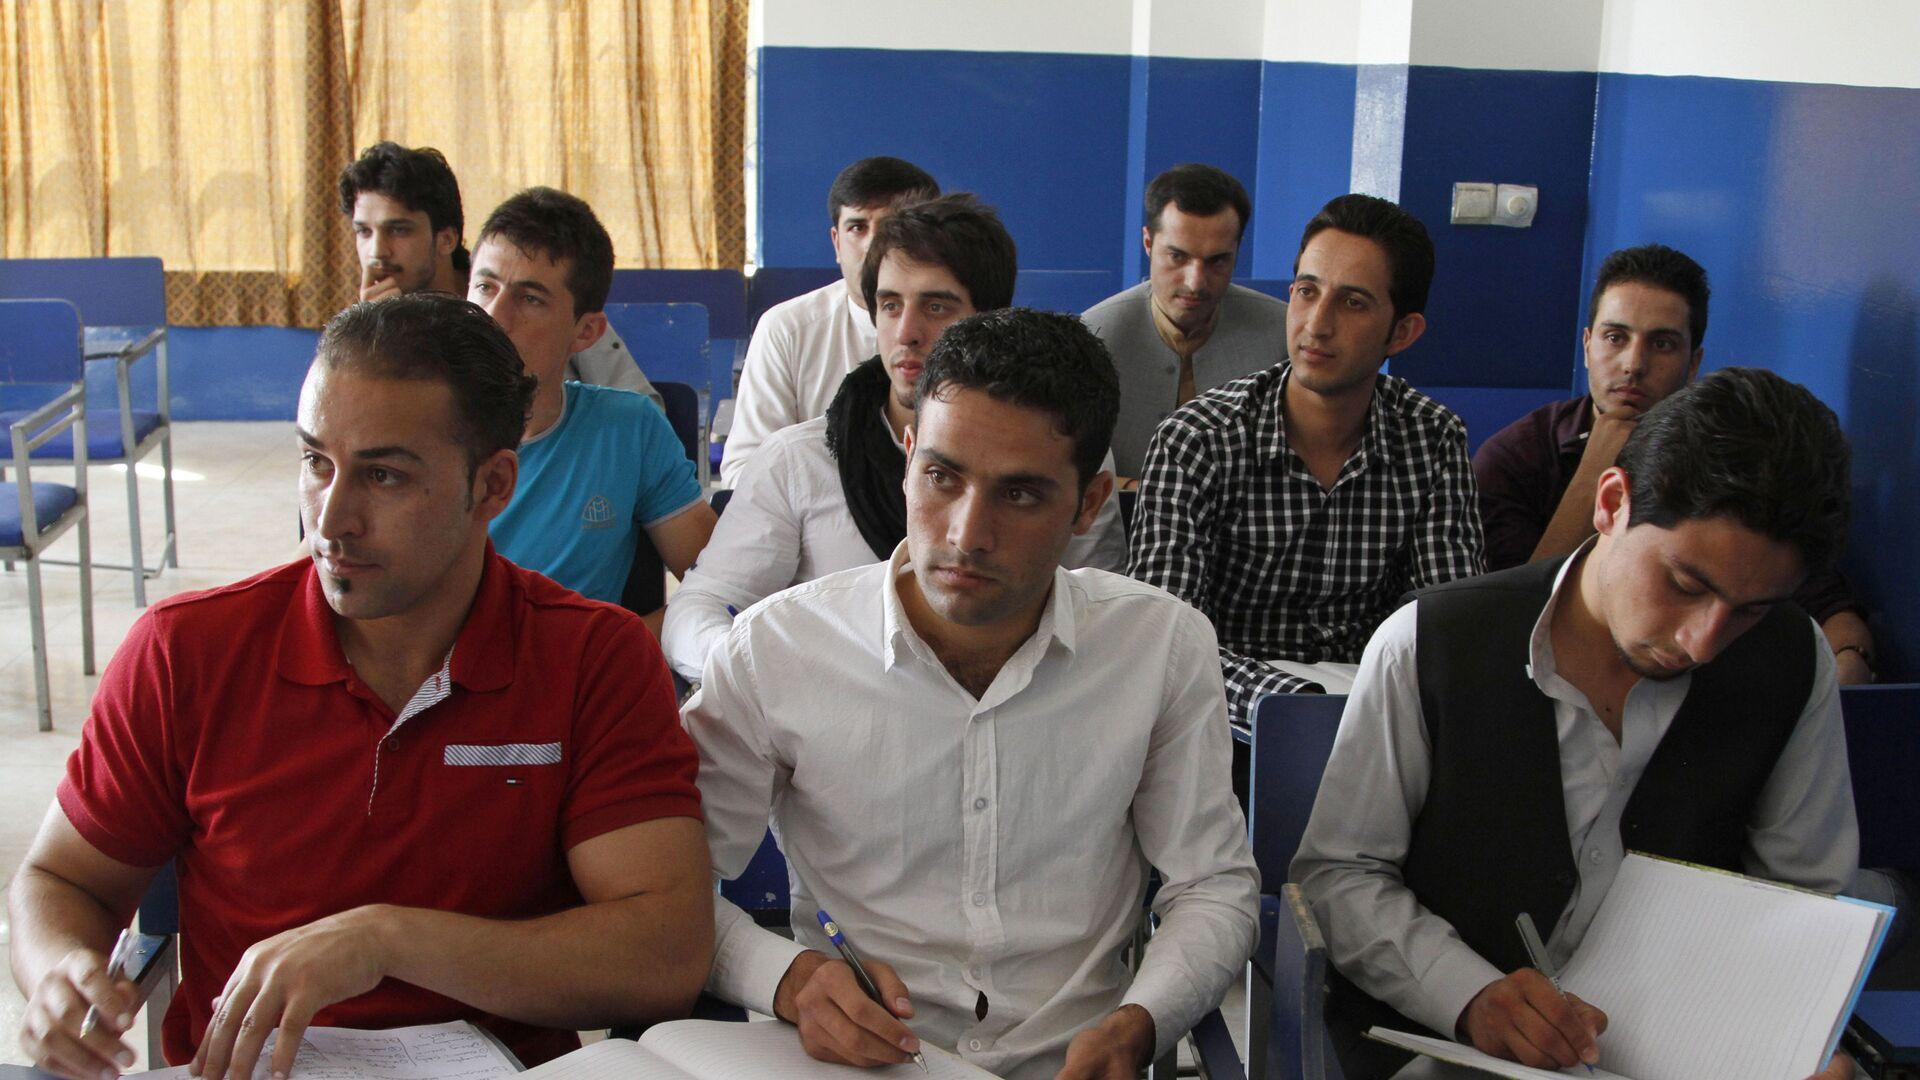 Афганские студенты на уроке - Sputnik Таджикистан, 1920, 01.09.2021